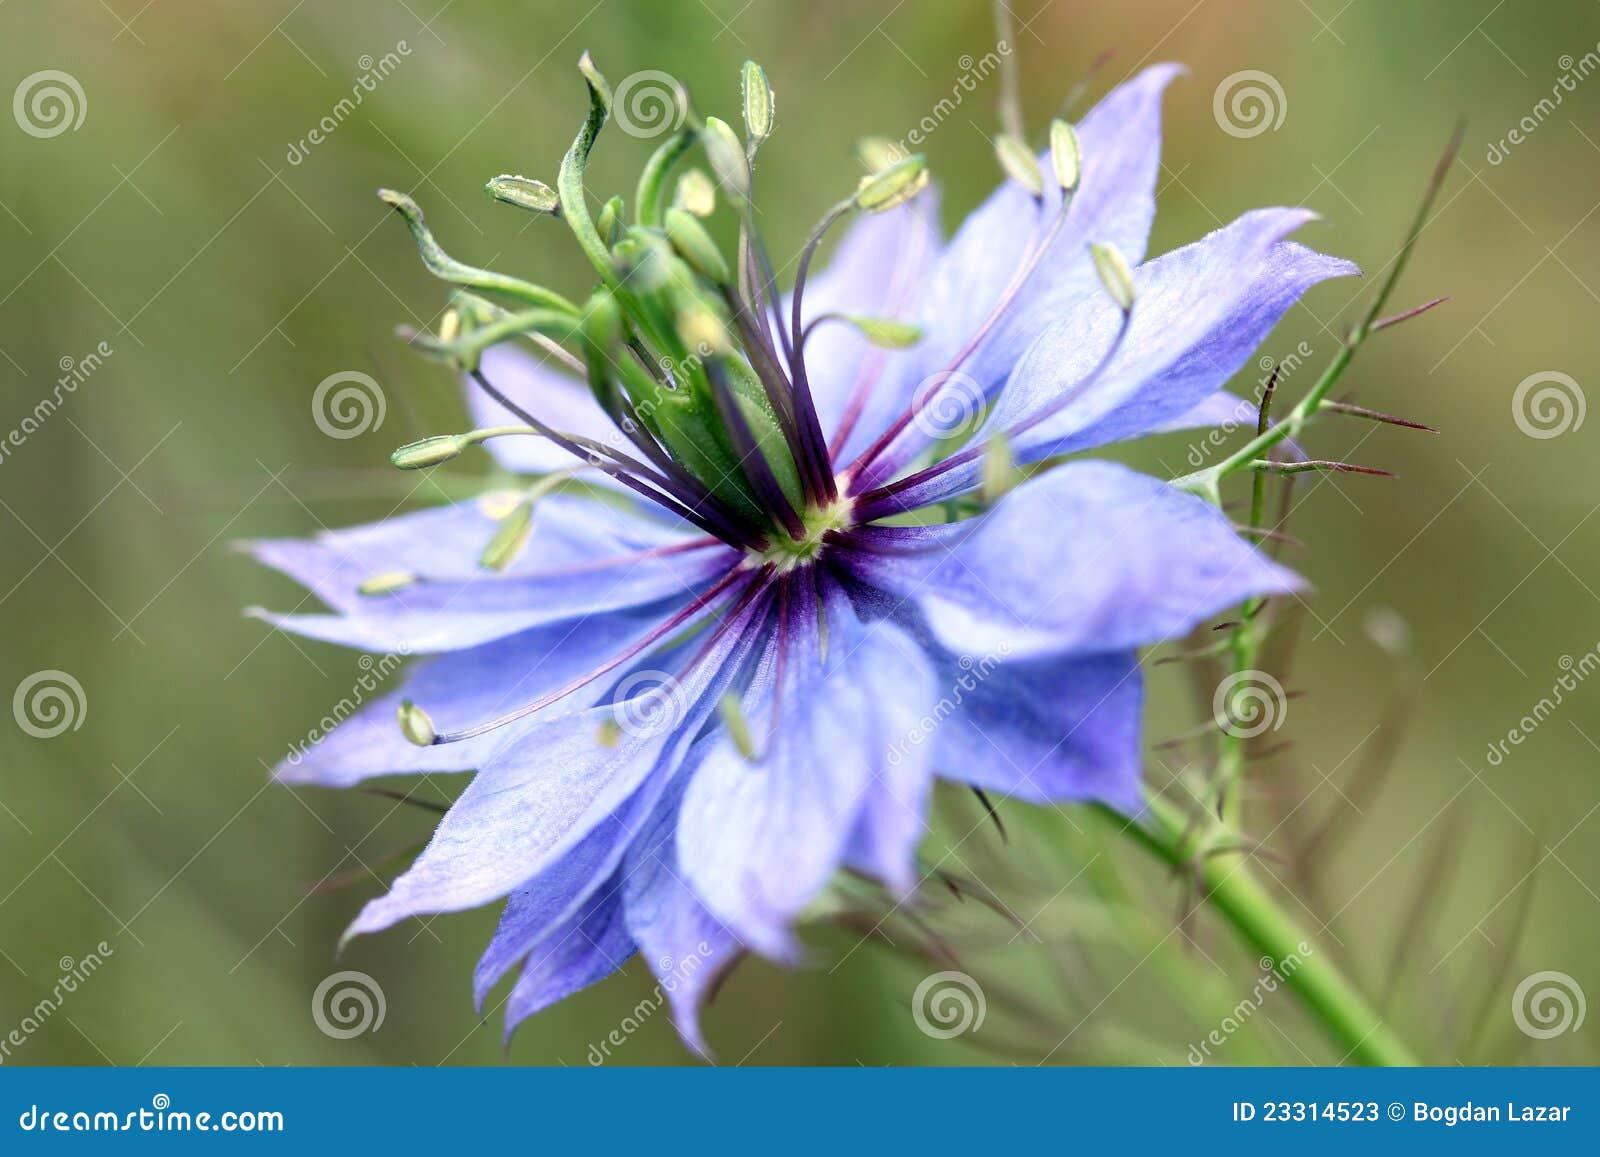 Flor del Love-in-a-mist (damascena de Nigella)